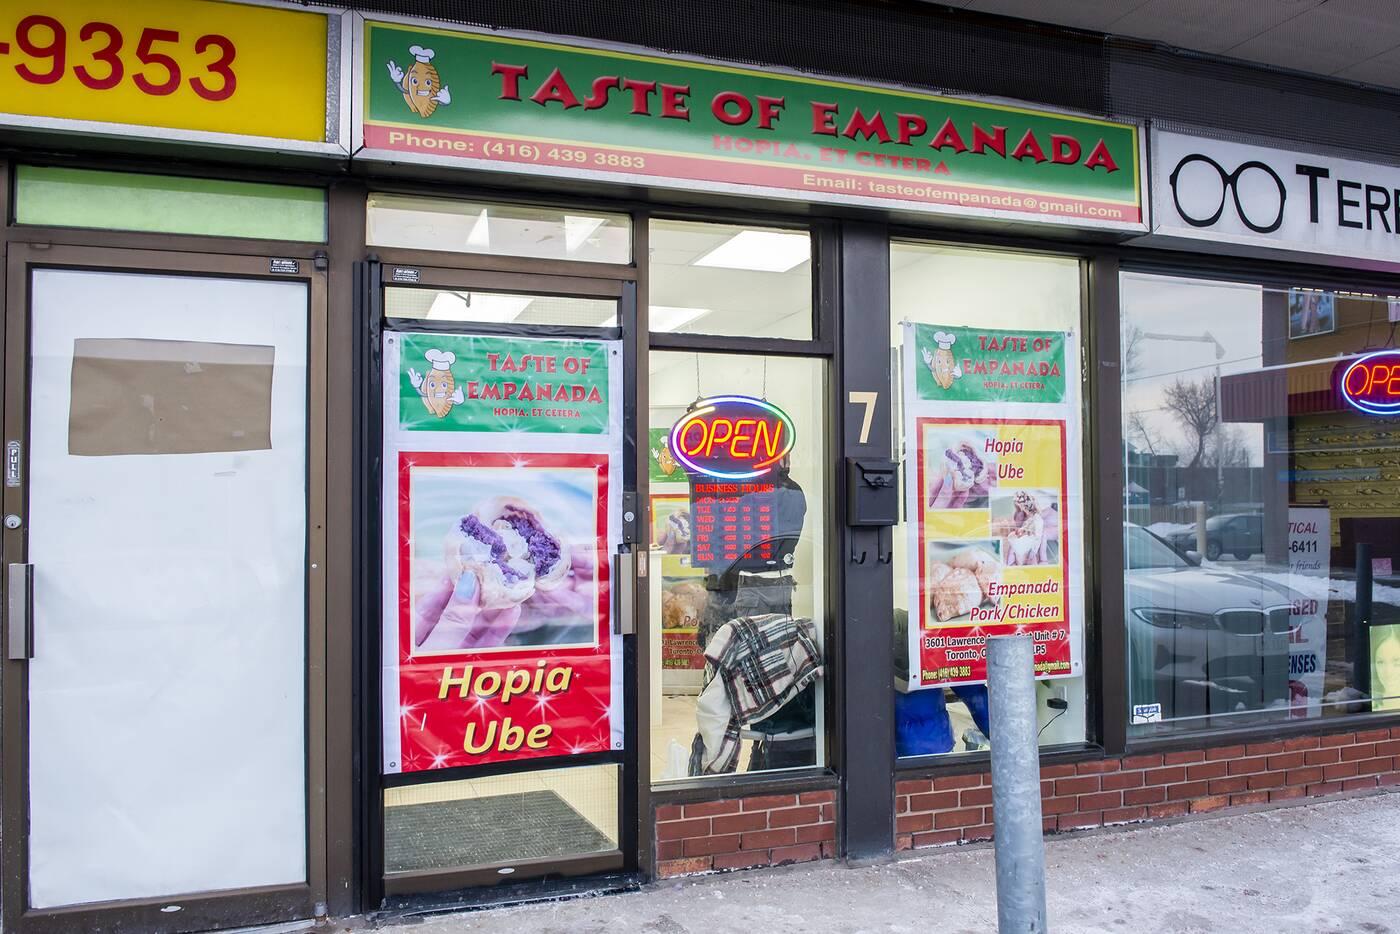 taste of empanada toronto